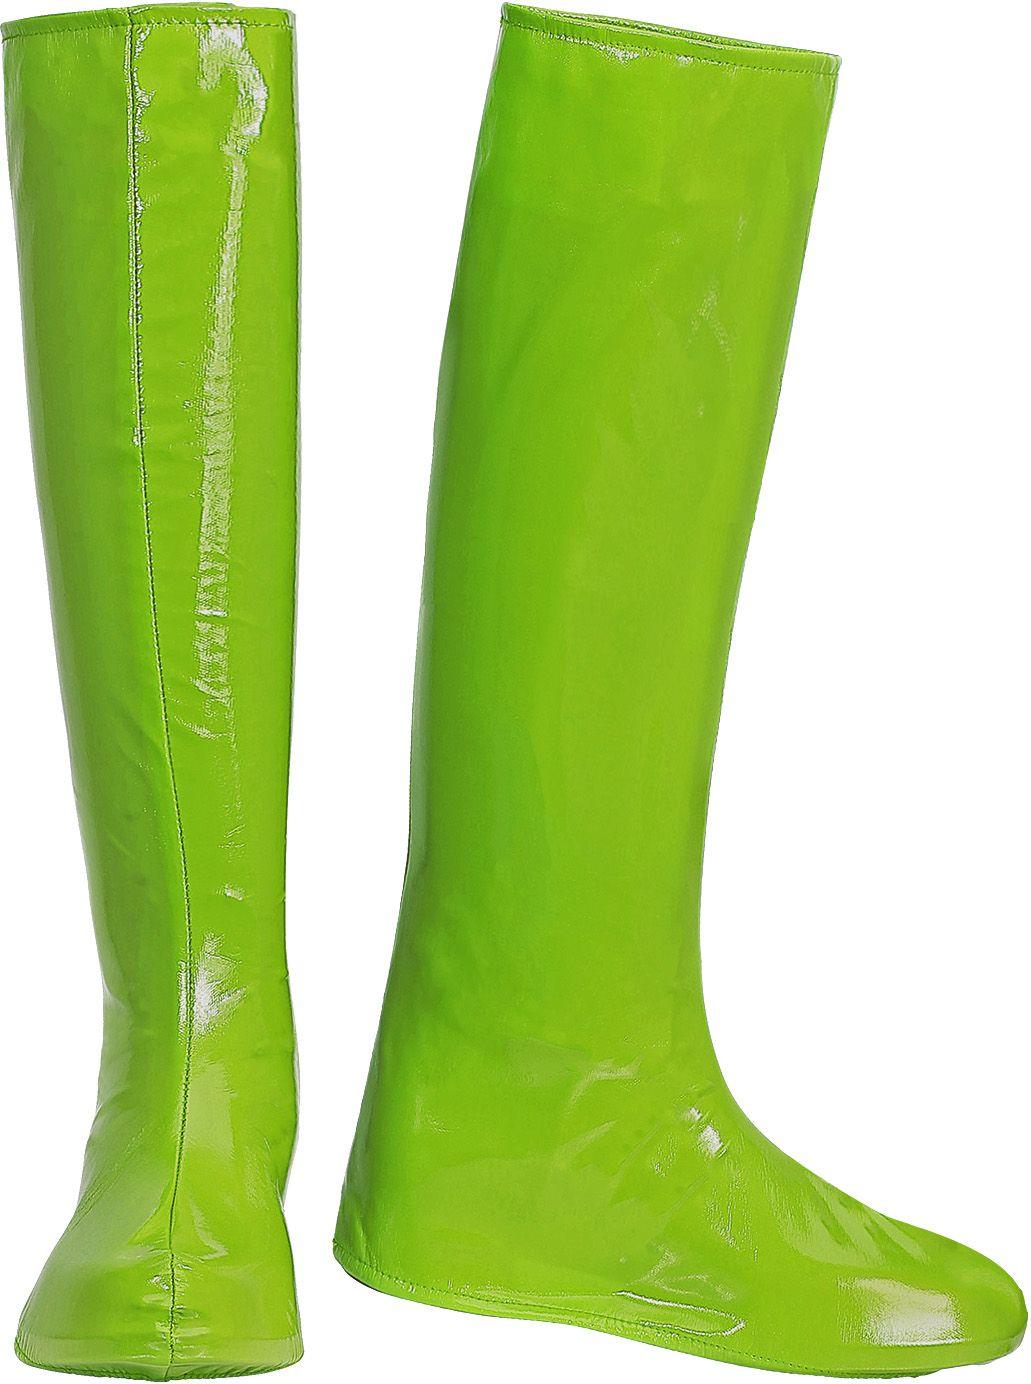 Lange groene laarzen 60s en 70s vrouwen